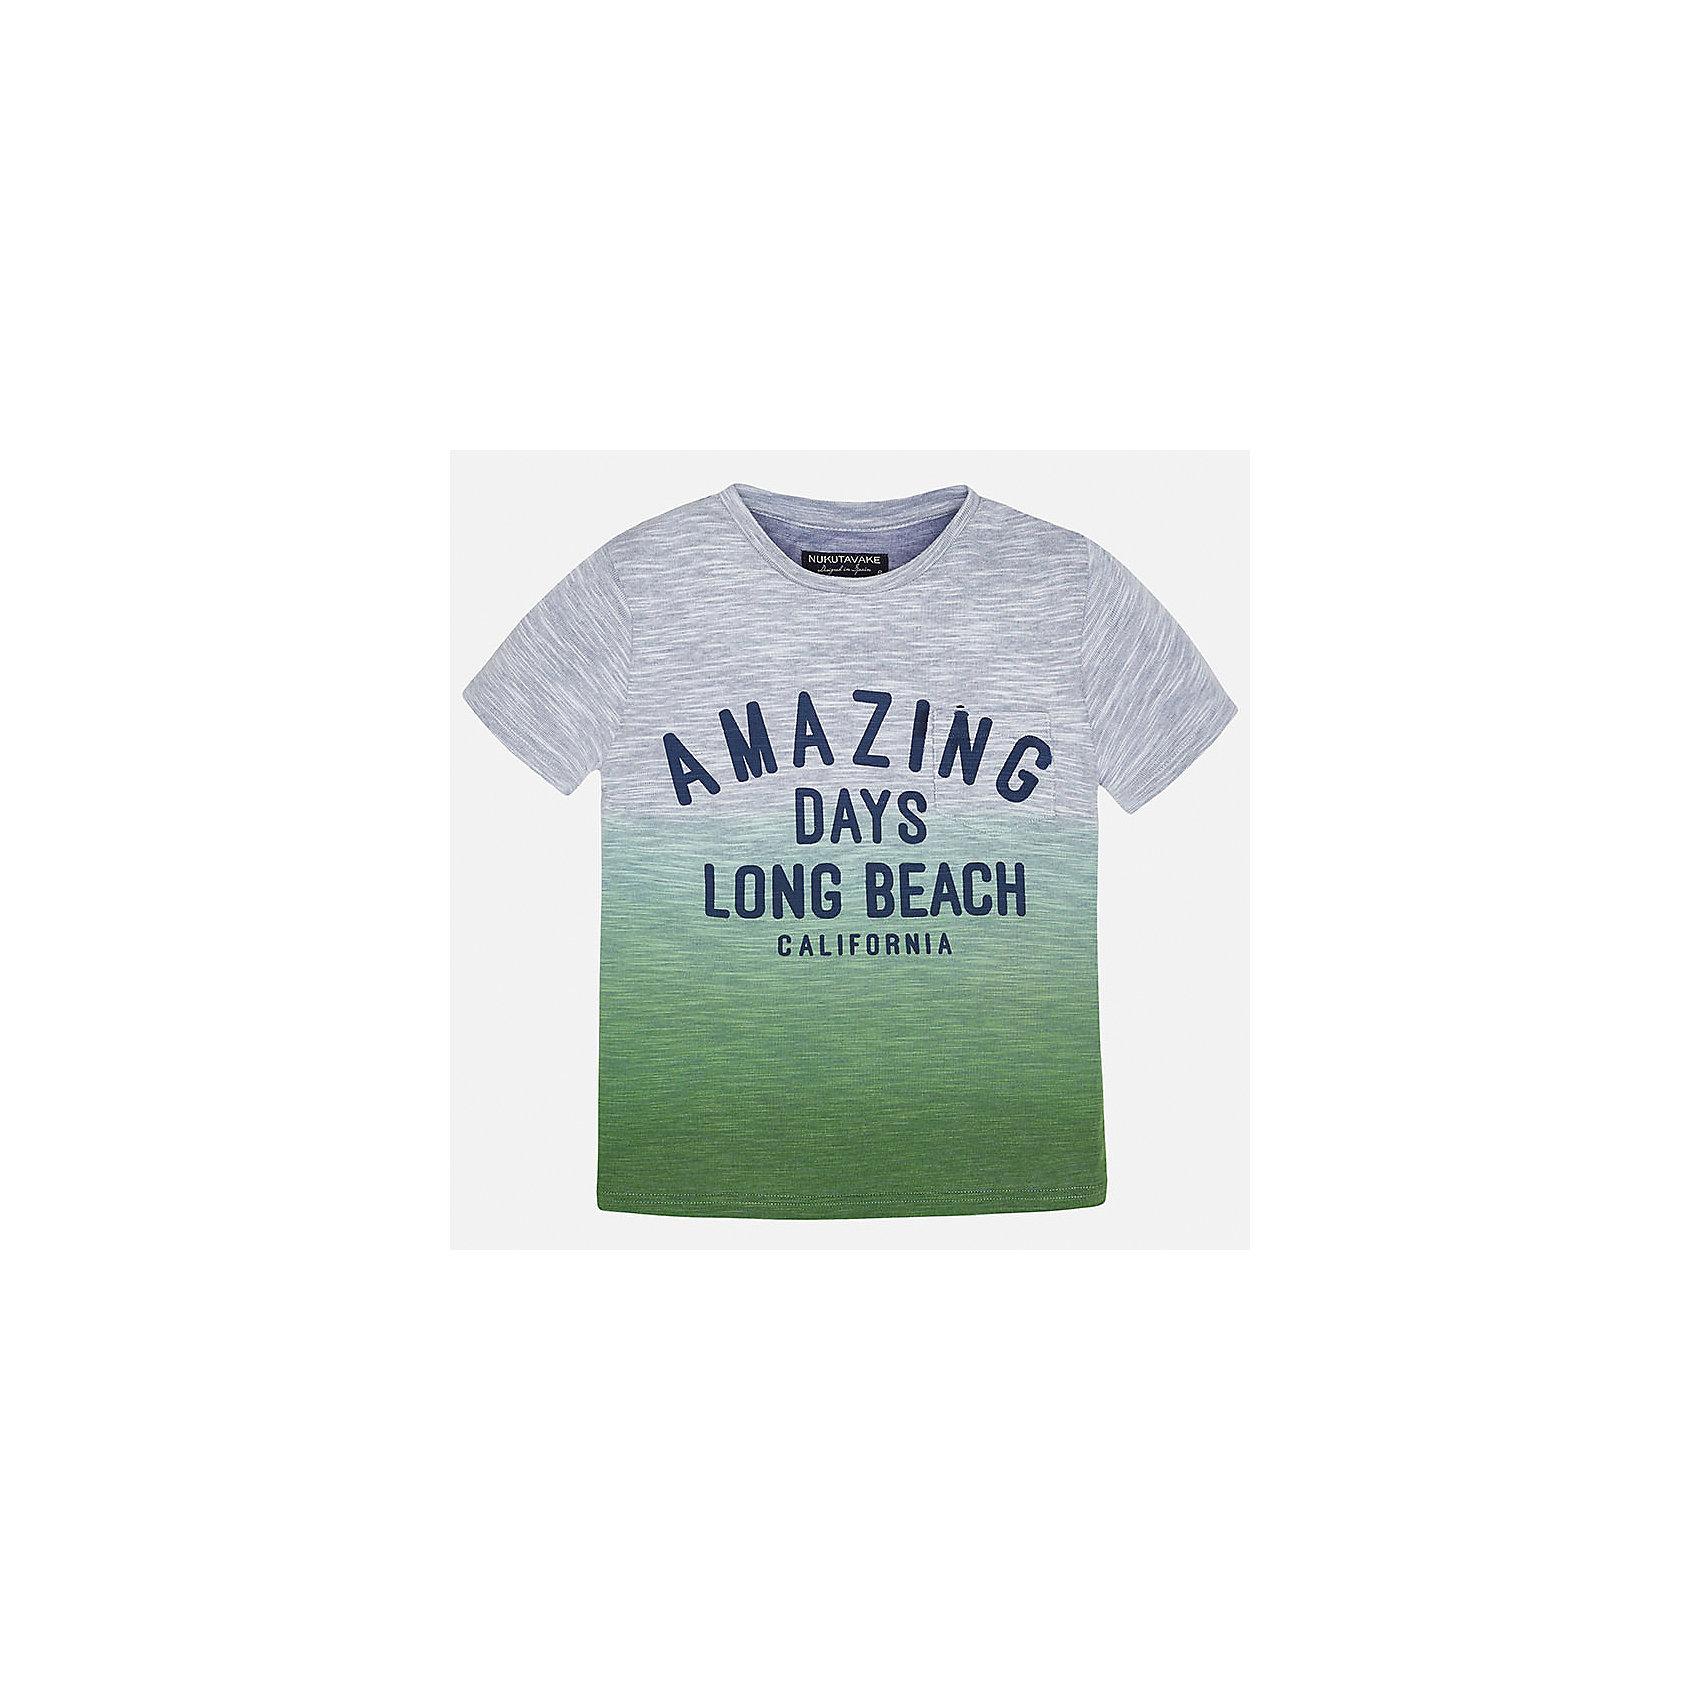 Футболка для мальчика MayoralФутболки, поло и топы<br>Характеристики товара:<br><br>• цвет: серый/зелёный<br>• состав: 55% полиэстер, 45% хлопок<br>• принт<br>• комфортная посадка<br>• короткие рукава<br>• округлый горловой вырез<br>• страна бренда: Испания<br><br>Стильная качественная футболка для мальчика поможет разнообразить гардероб ребенка и украсить наряд. В составе ткани преобладает натуральный хлопок, гипоаллергенный, приятный на ощупь, дышащий.<br><br>Футболку для мальчика от испанского бренда Mayoral (Майорал) можно купить в нашем интернет-магазине.<br><br>Ширина мм: 199<br>Глубина мм: 10<br>Высота мм: 161<br>Вес г: 151<br>Цвет: зеленый<br>Возраст от месяцев: 144<br>Возраст до месяцев: 156<br>Пол: Мужской<br>Возраст: Детский<br>Размер: 158,128/134,152,140<br>SKU: 5587475